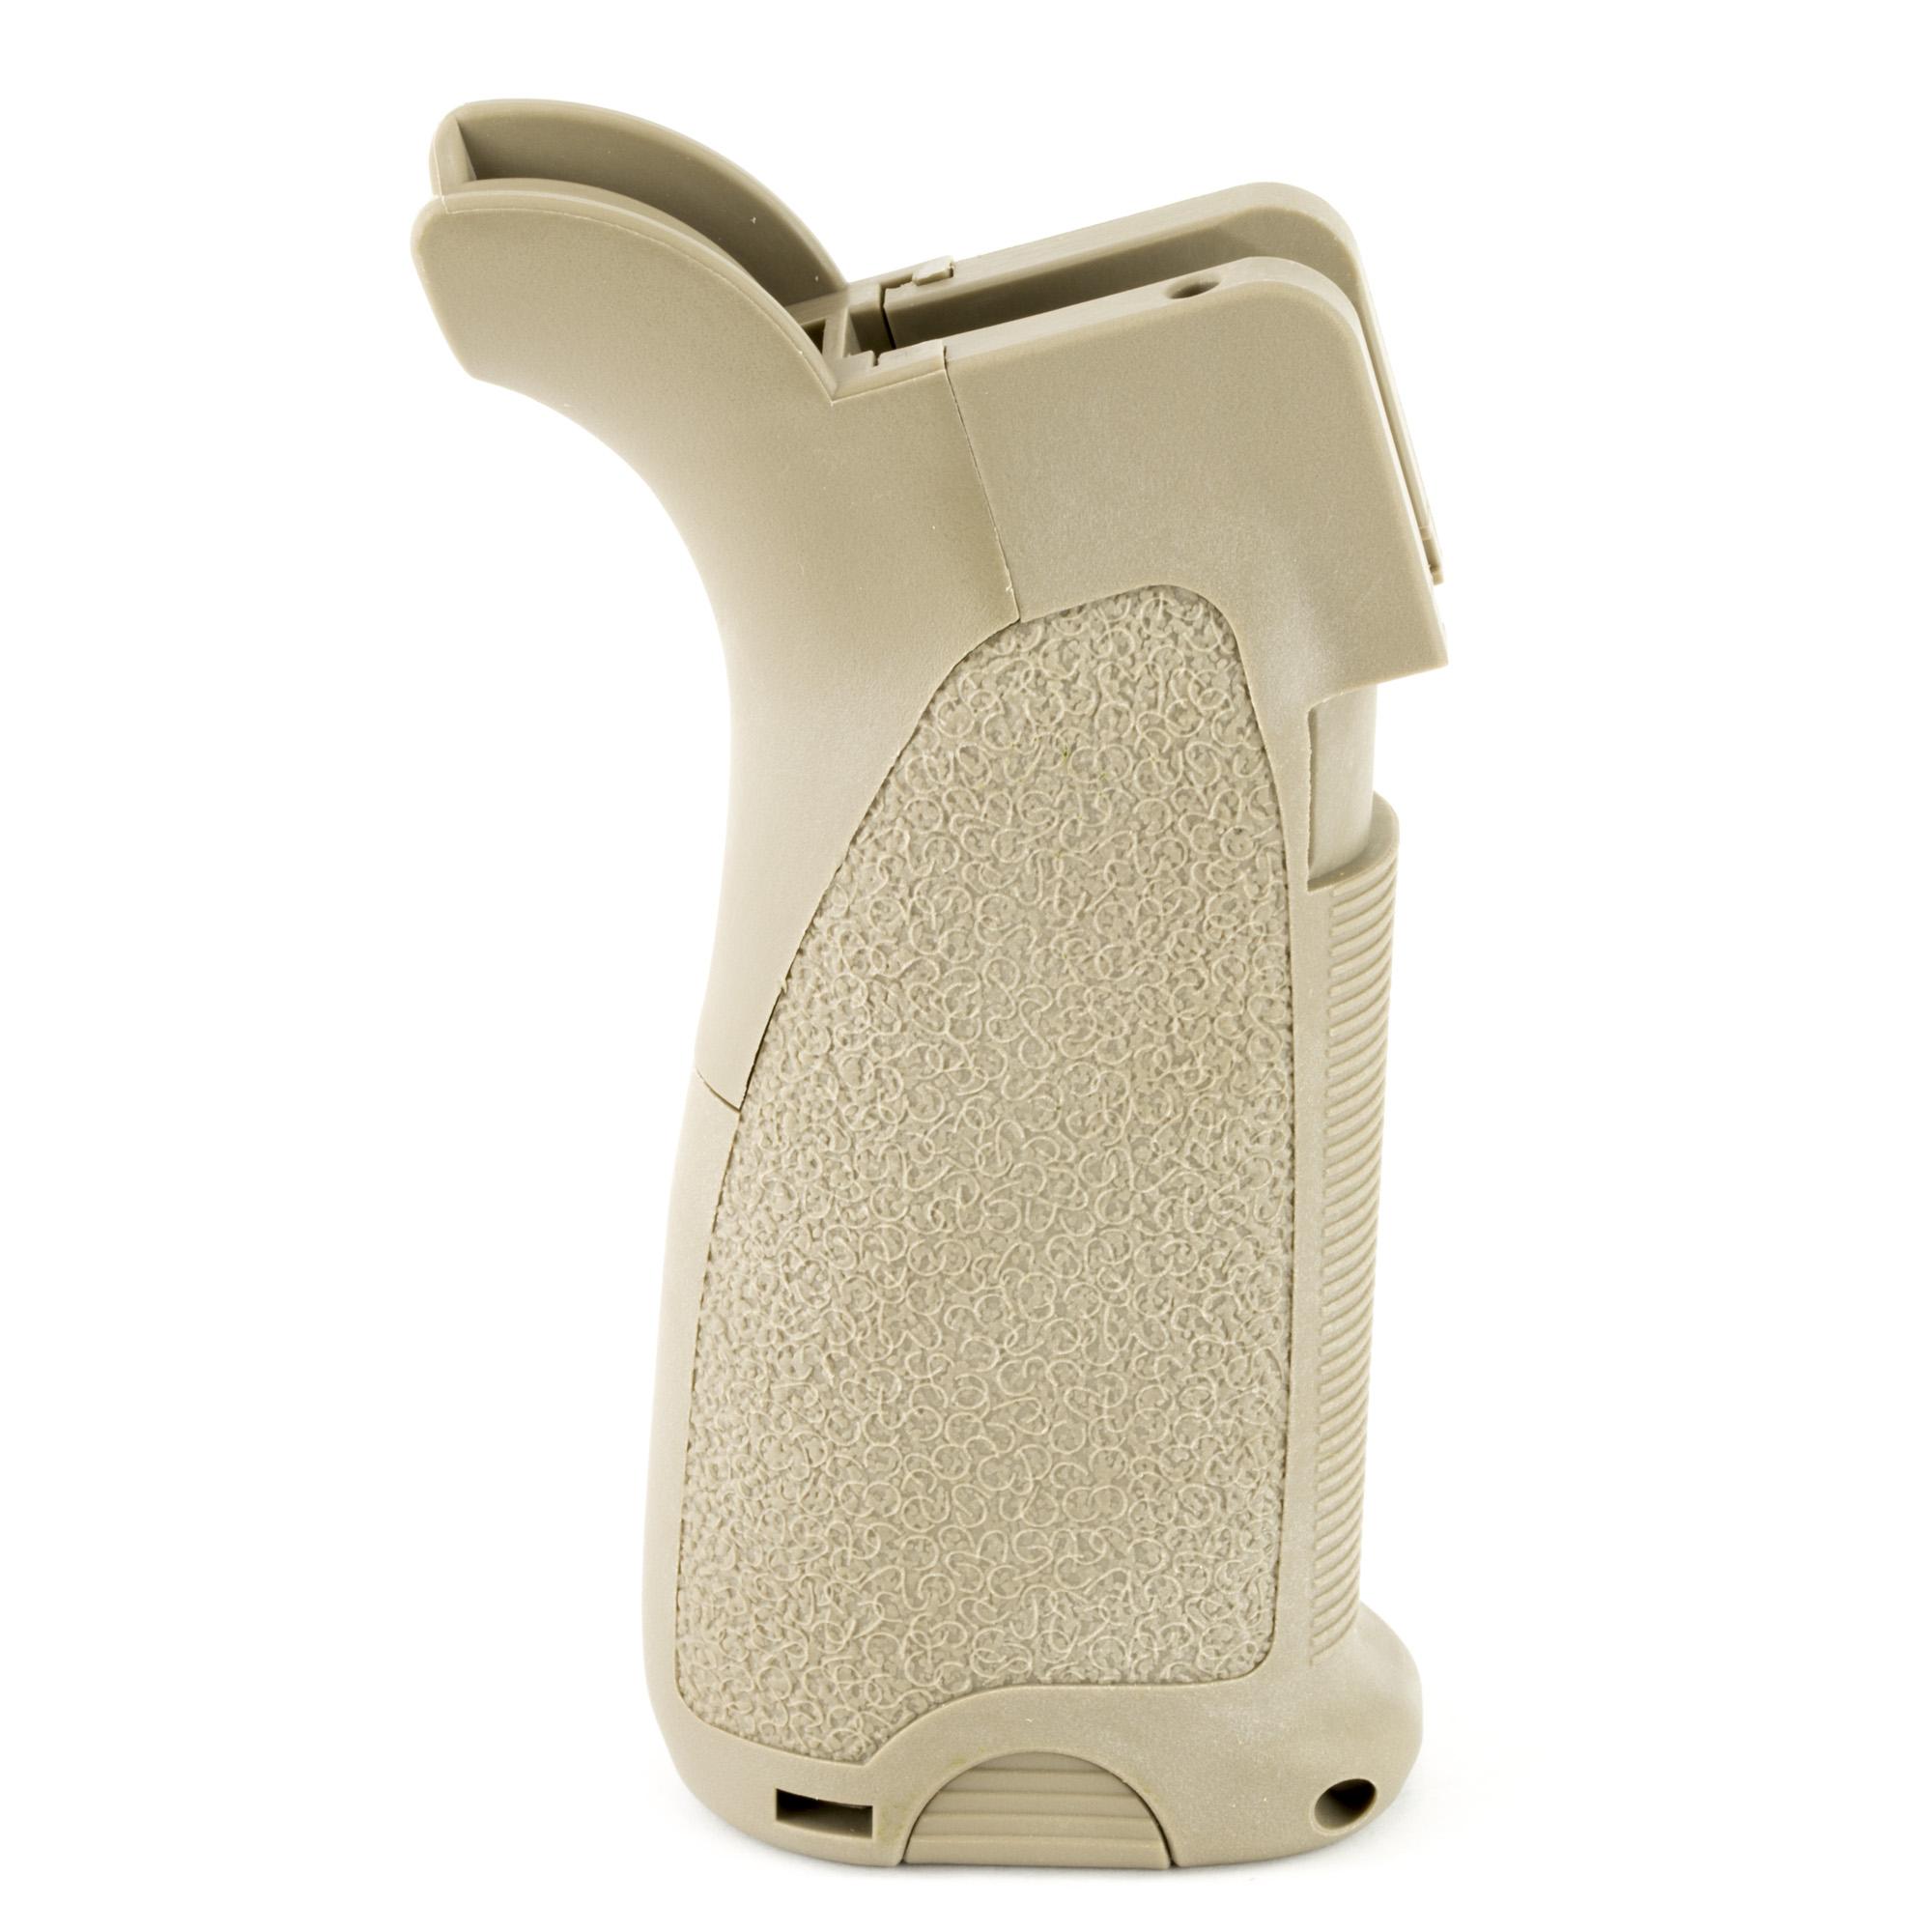 Bcm Gunfighter Grip Mod 2 Fde